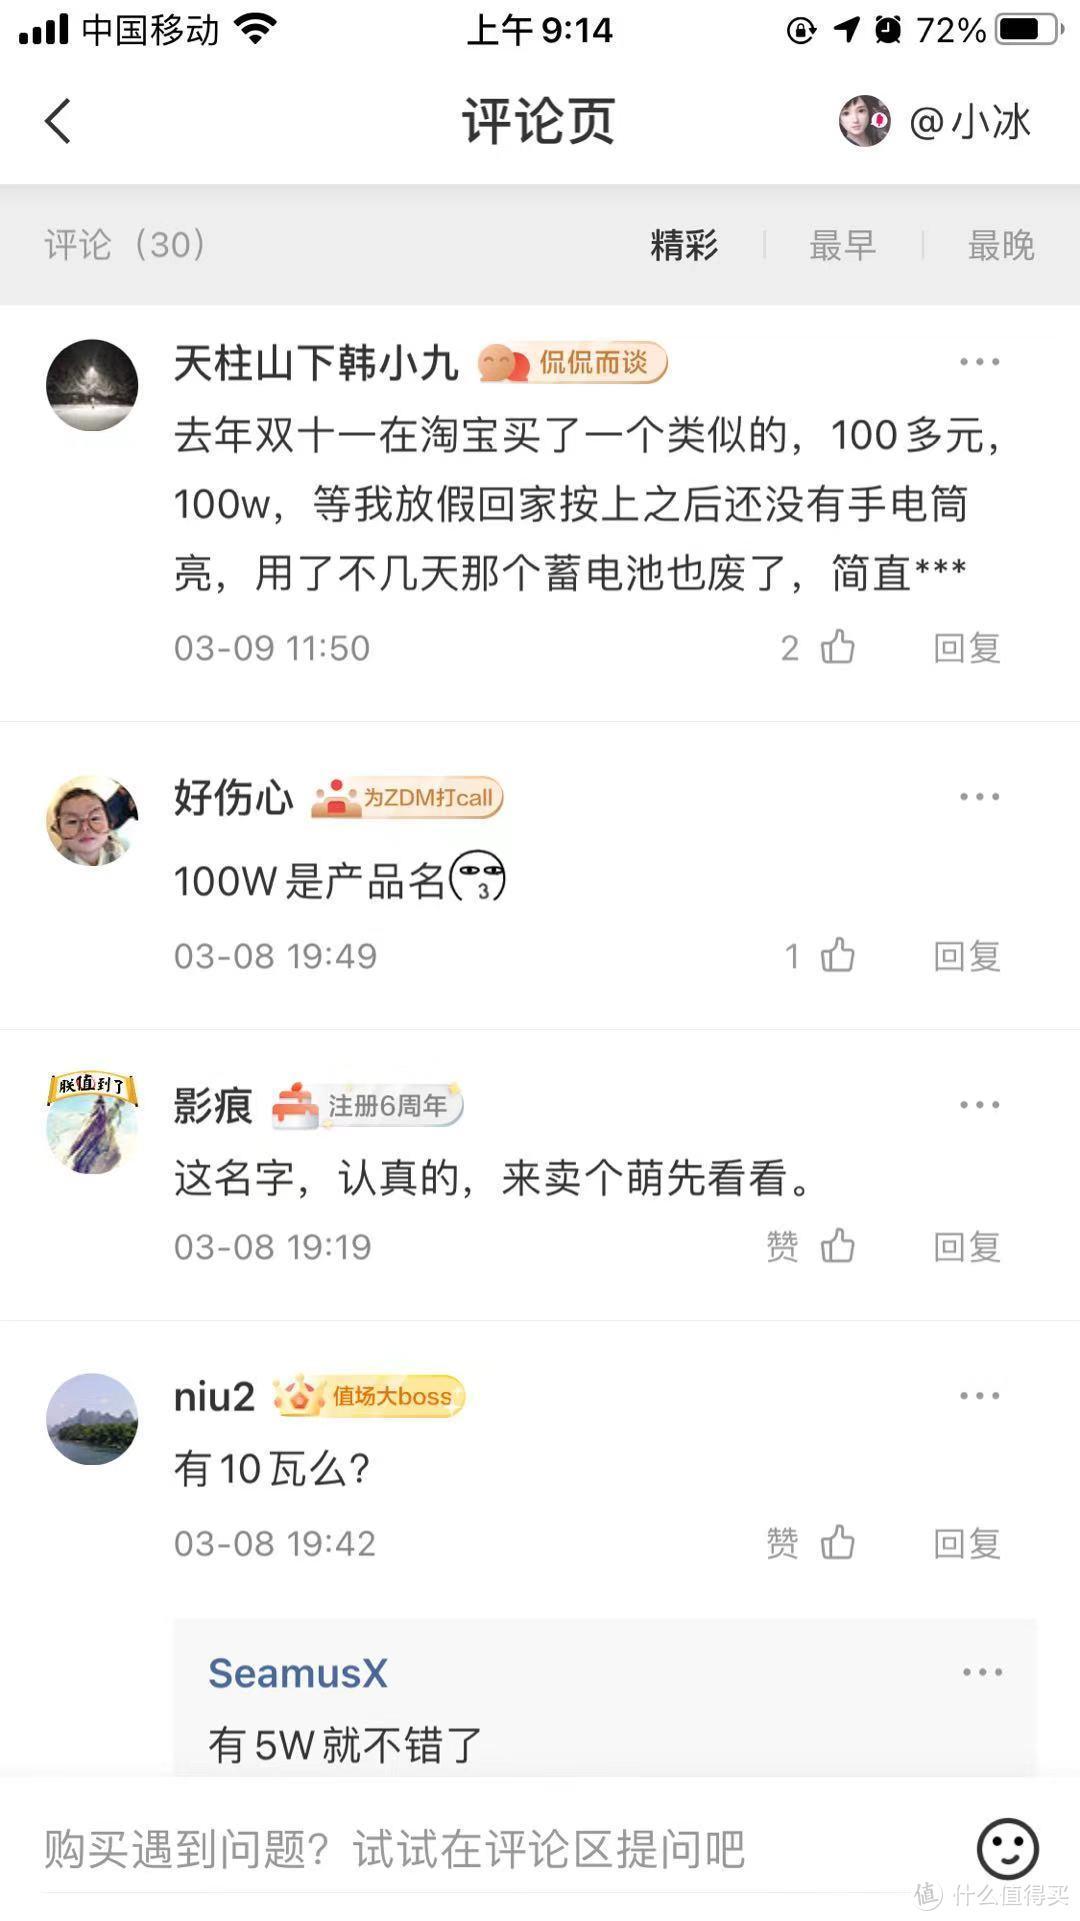 感谢韩小九同学的评论,才有今天的这篇文章。